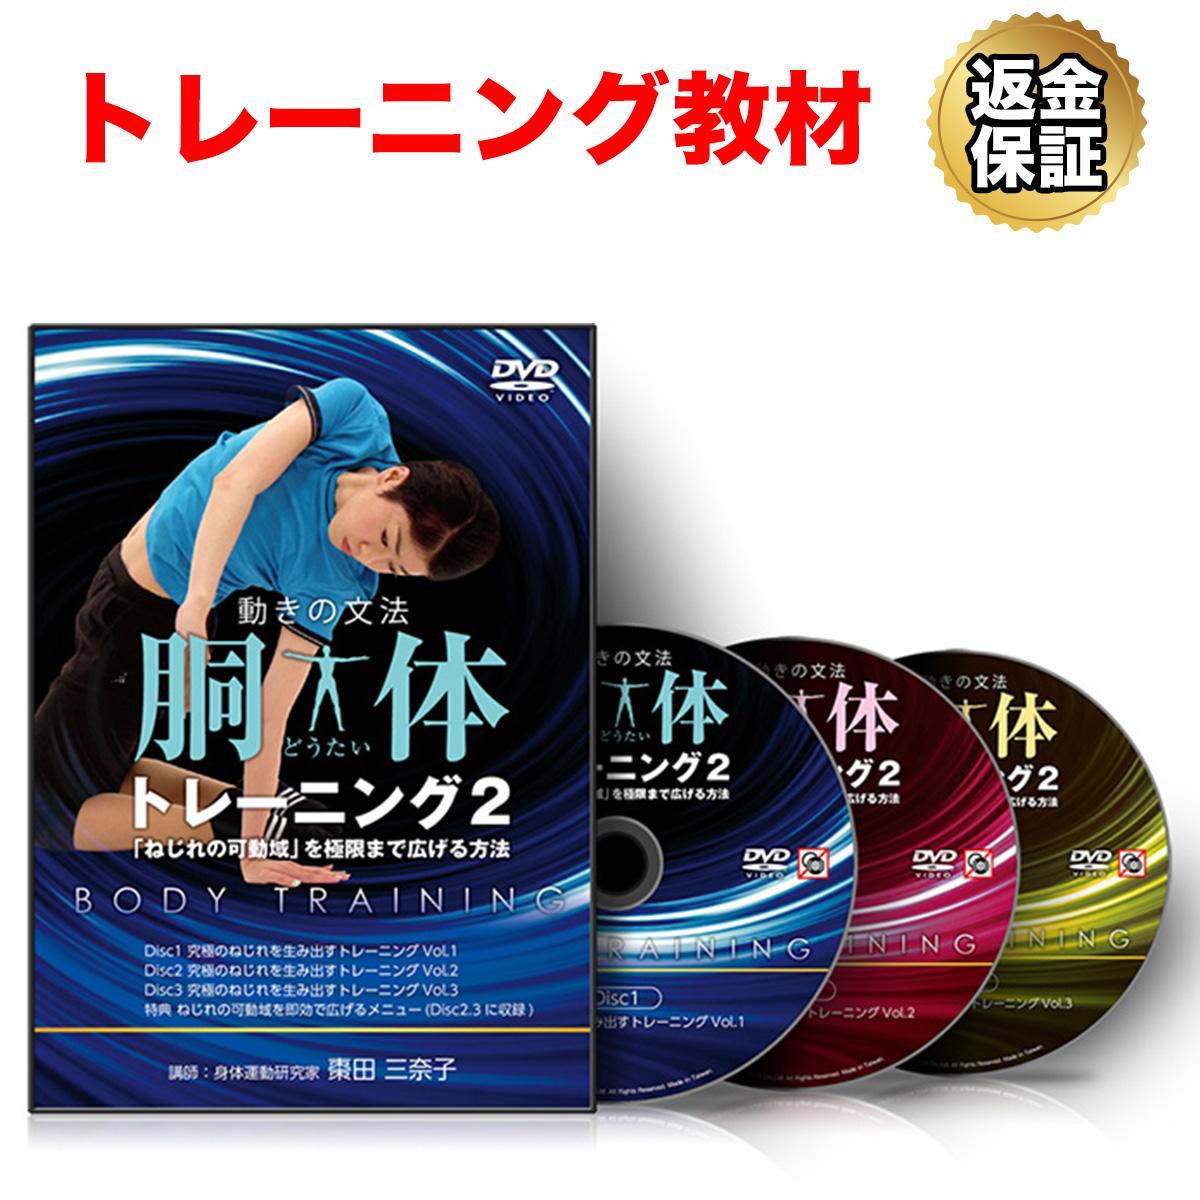 【トレーニング】胴体トレーニング2~「捻じれの可動域」を極限まで広げる方法~